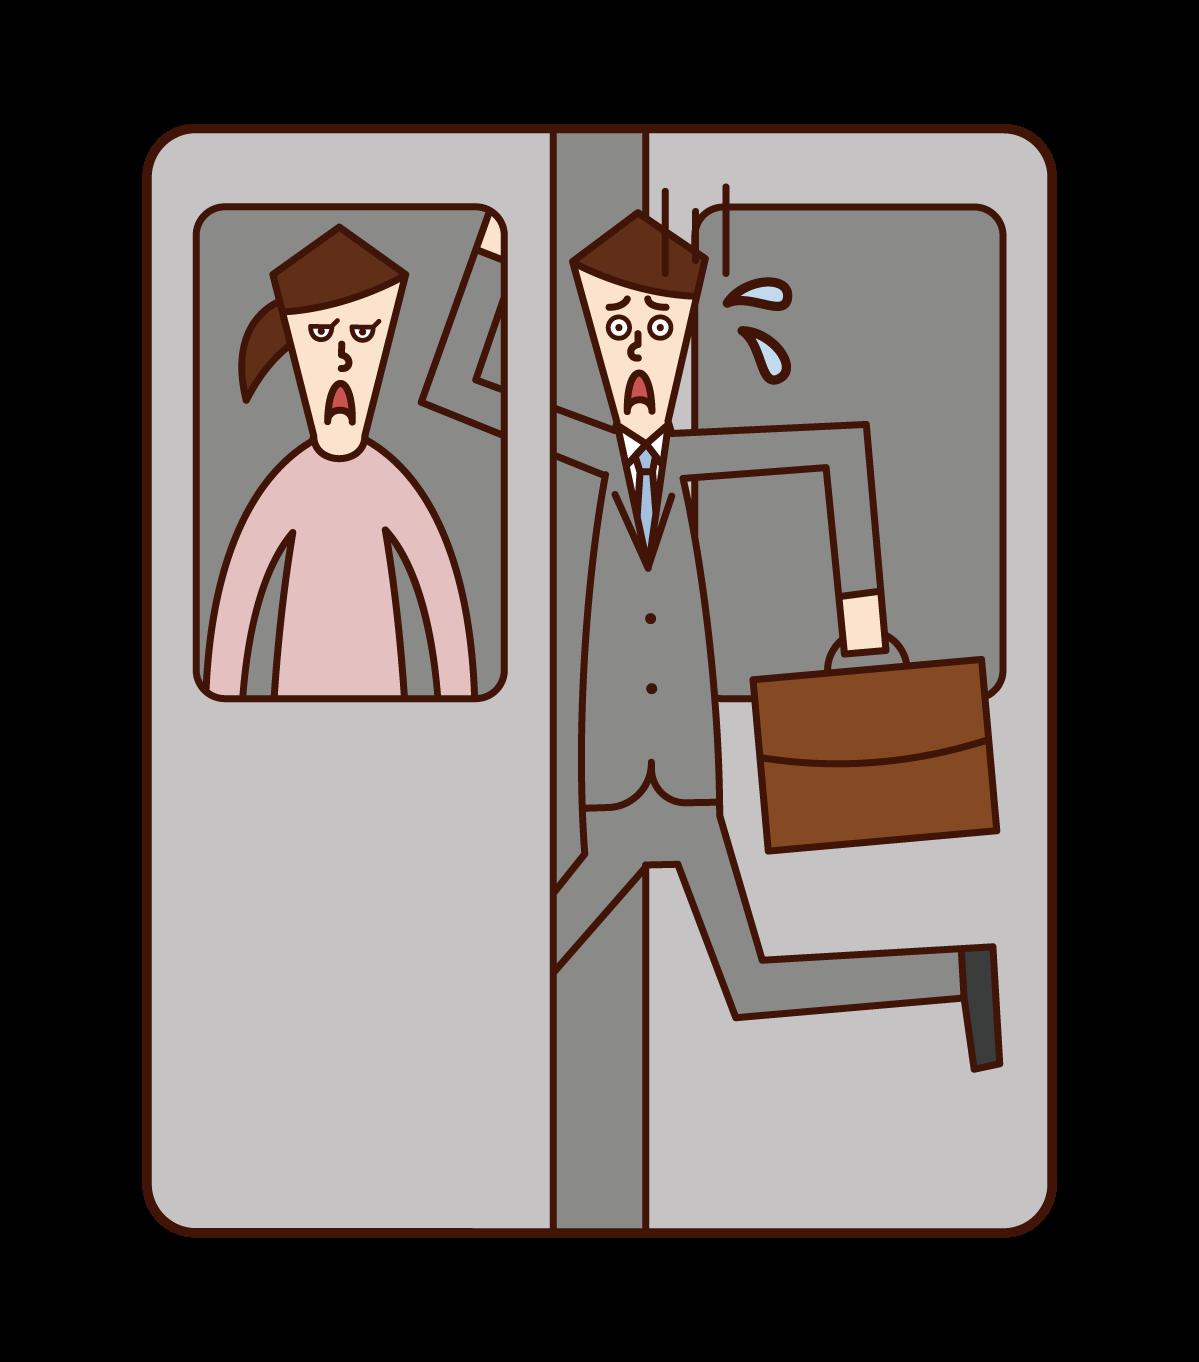 駆け込み乗車をする人(男性)のイラスト